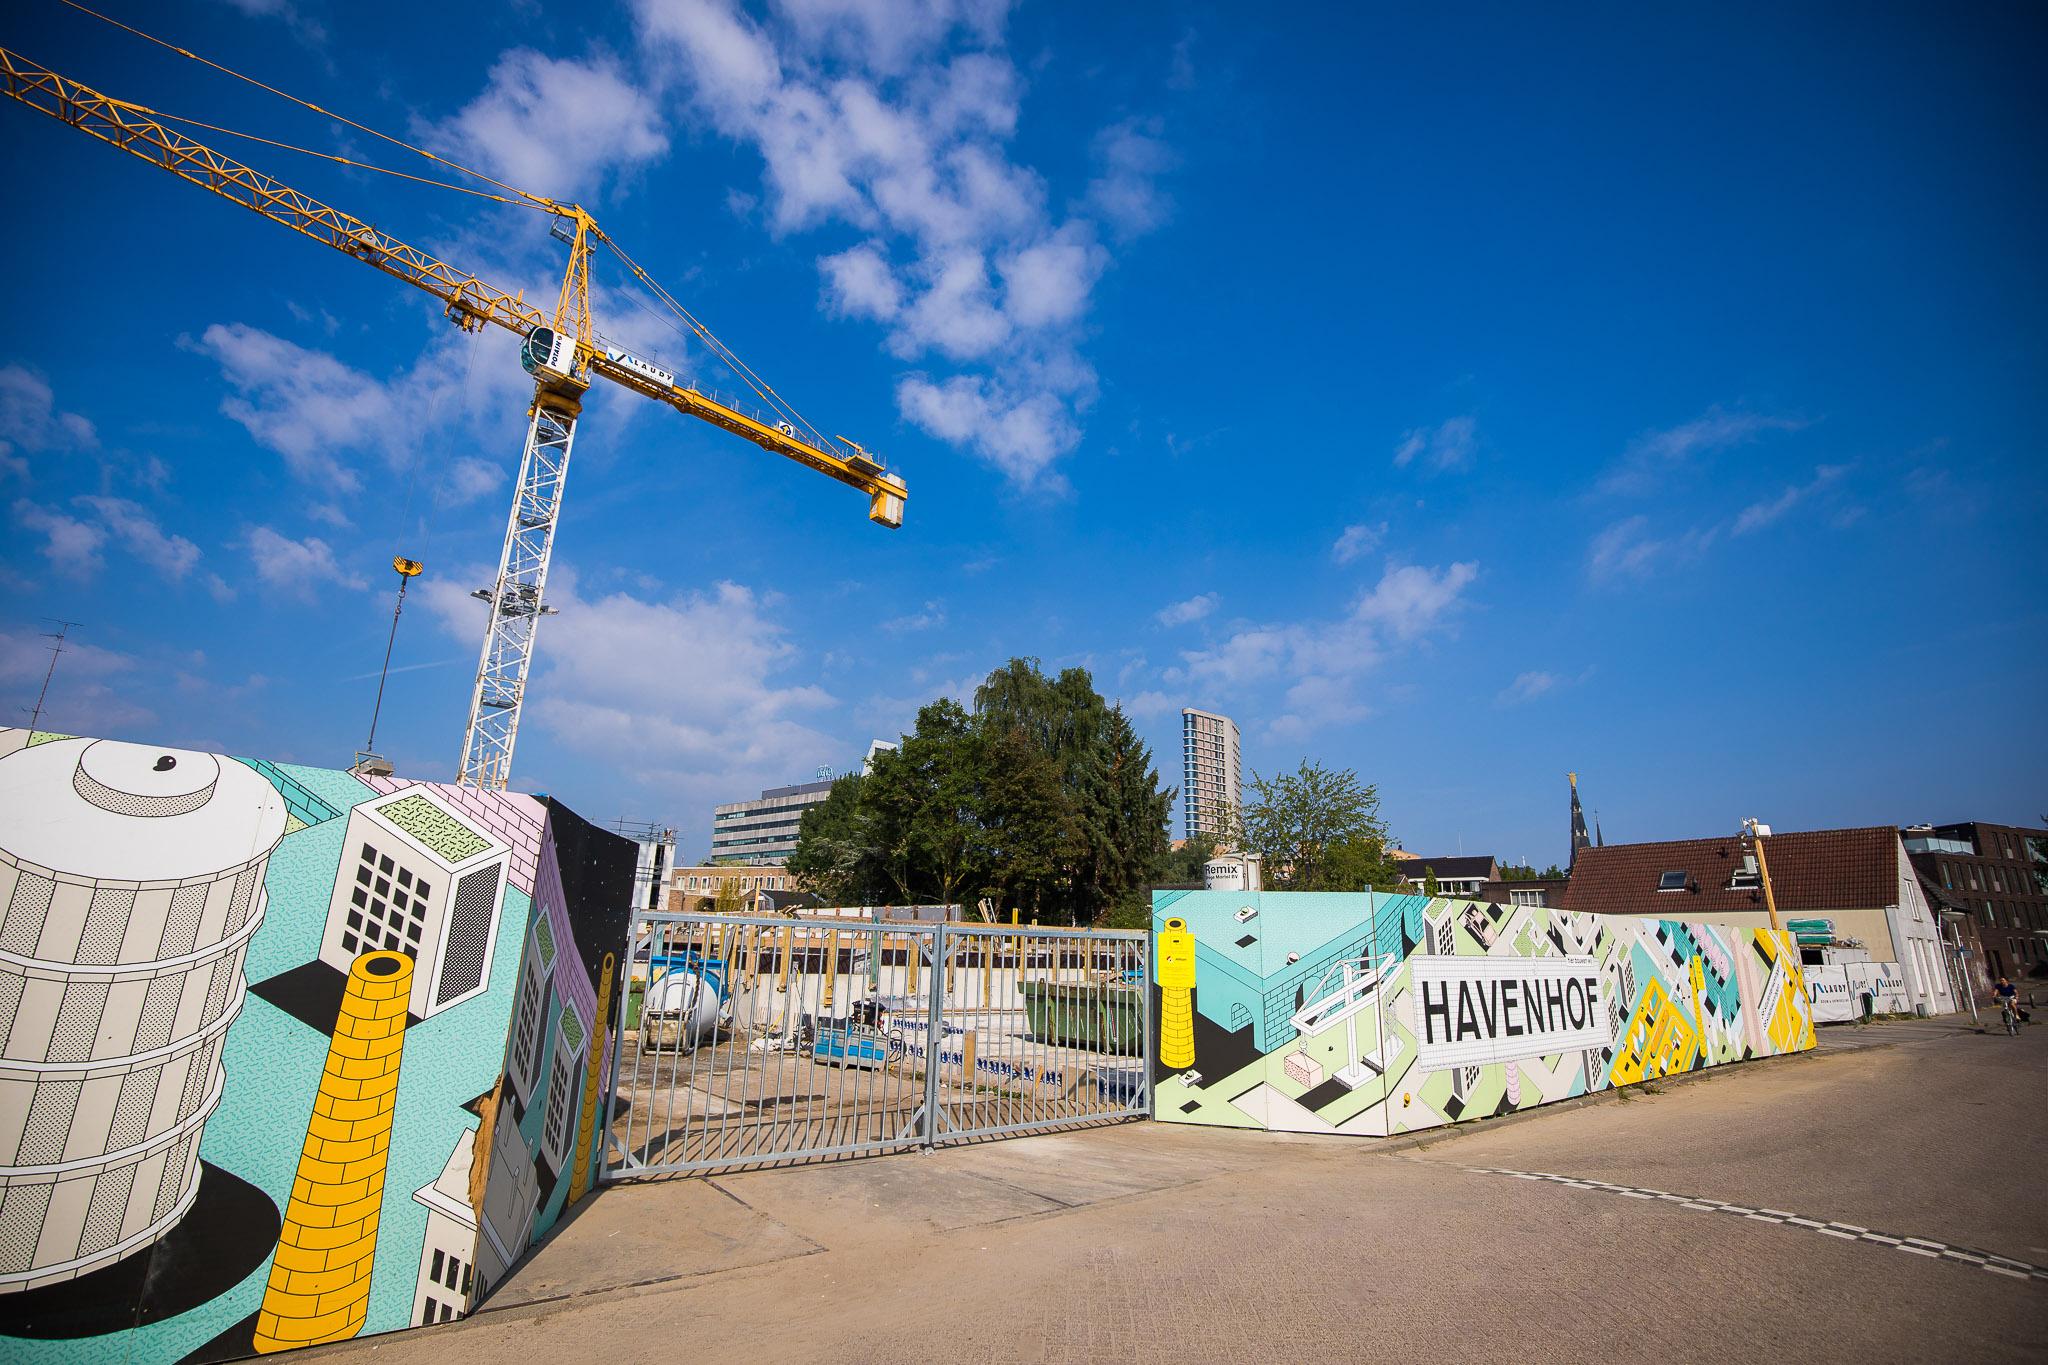 Havenhof_Bouwplaats_Draaipoort (6)